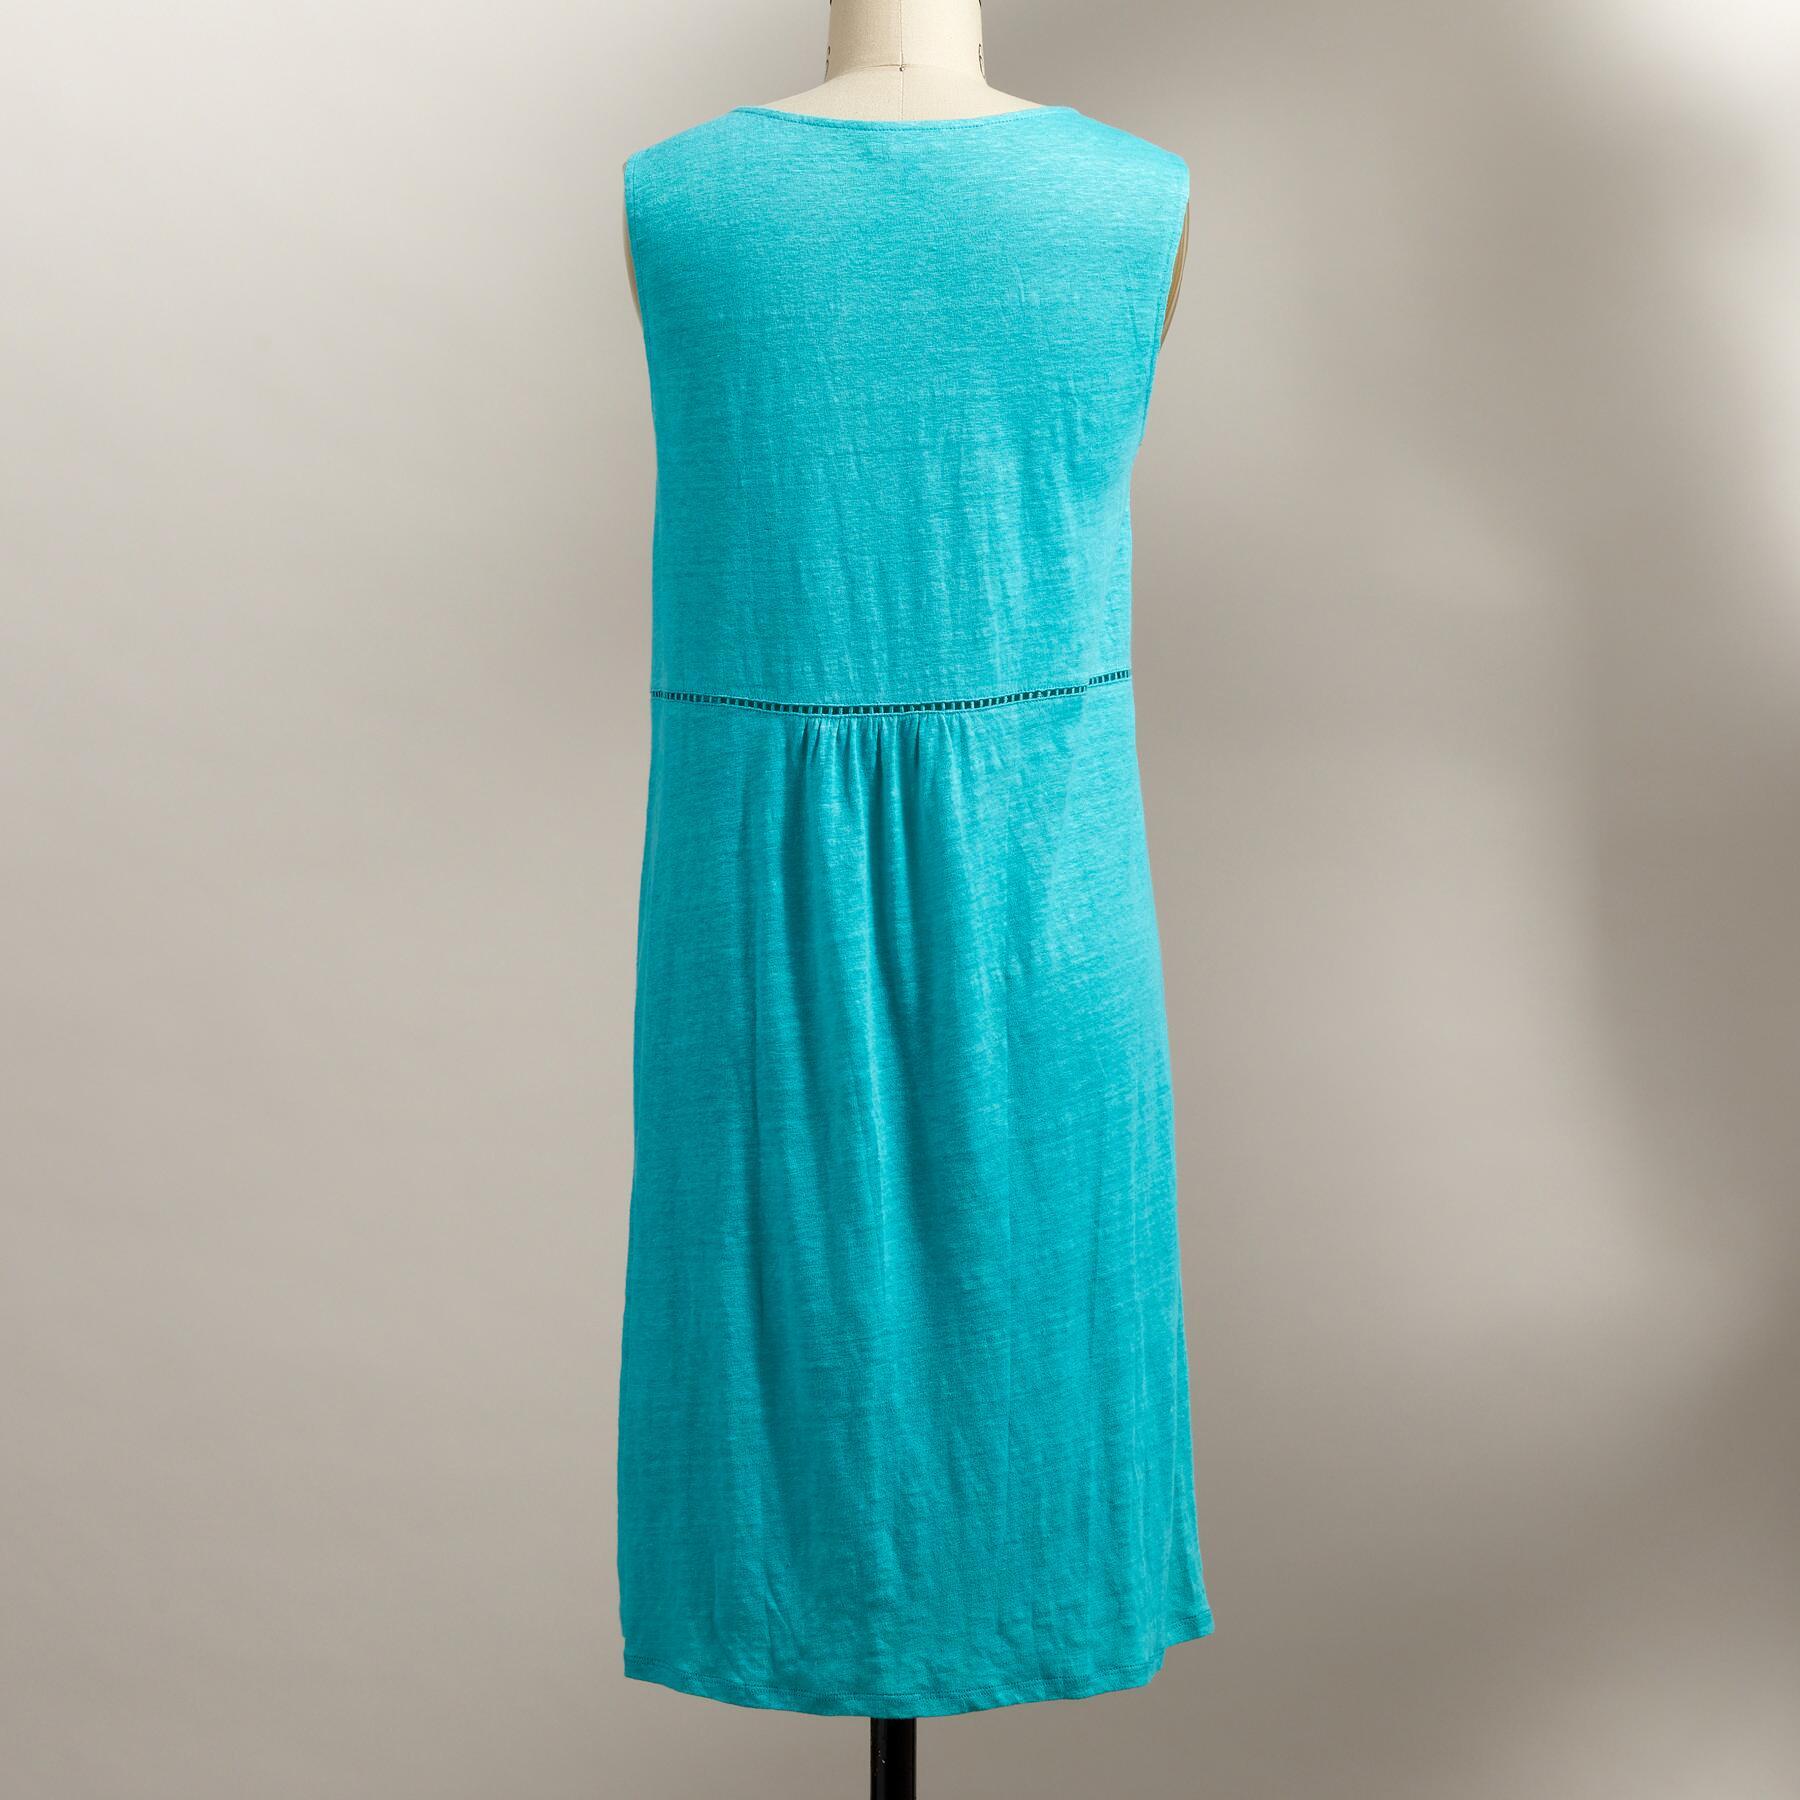 HIDDEN GARDENS DRESS PETITE: View 2